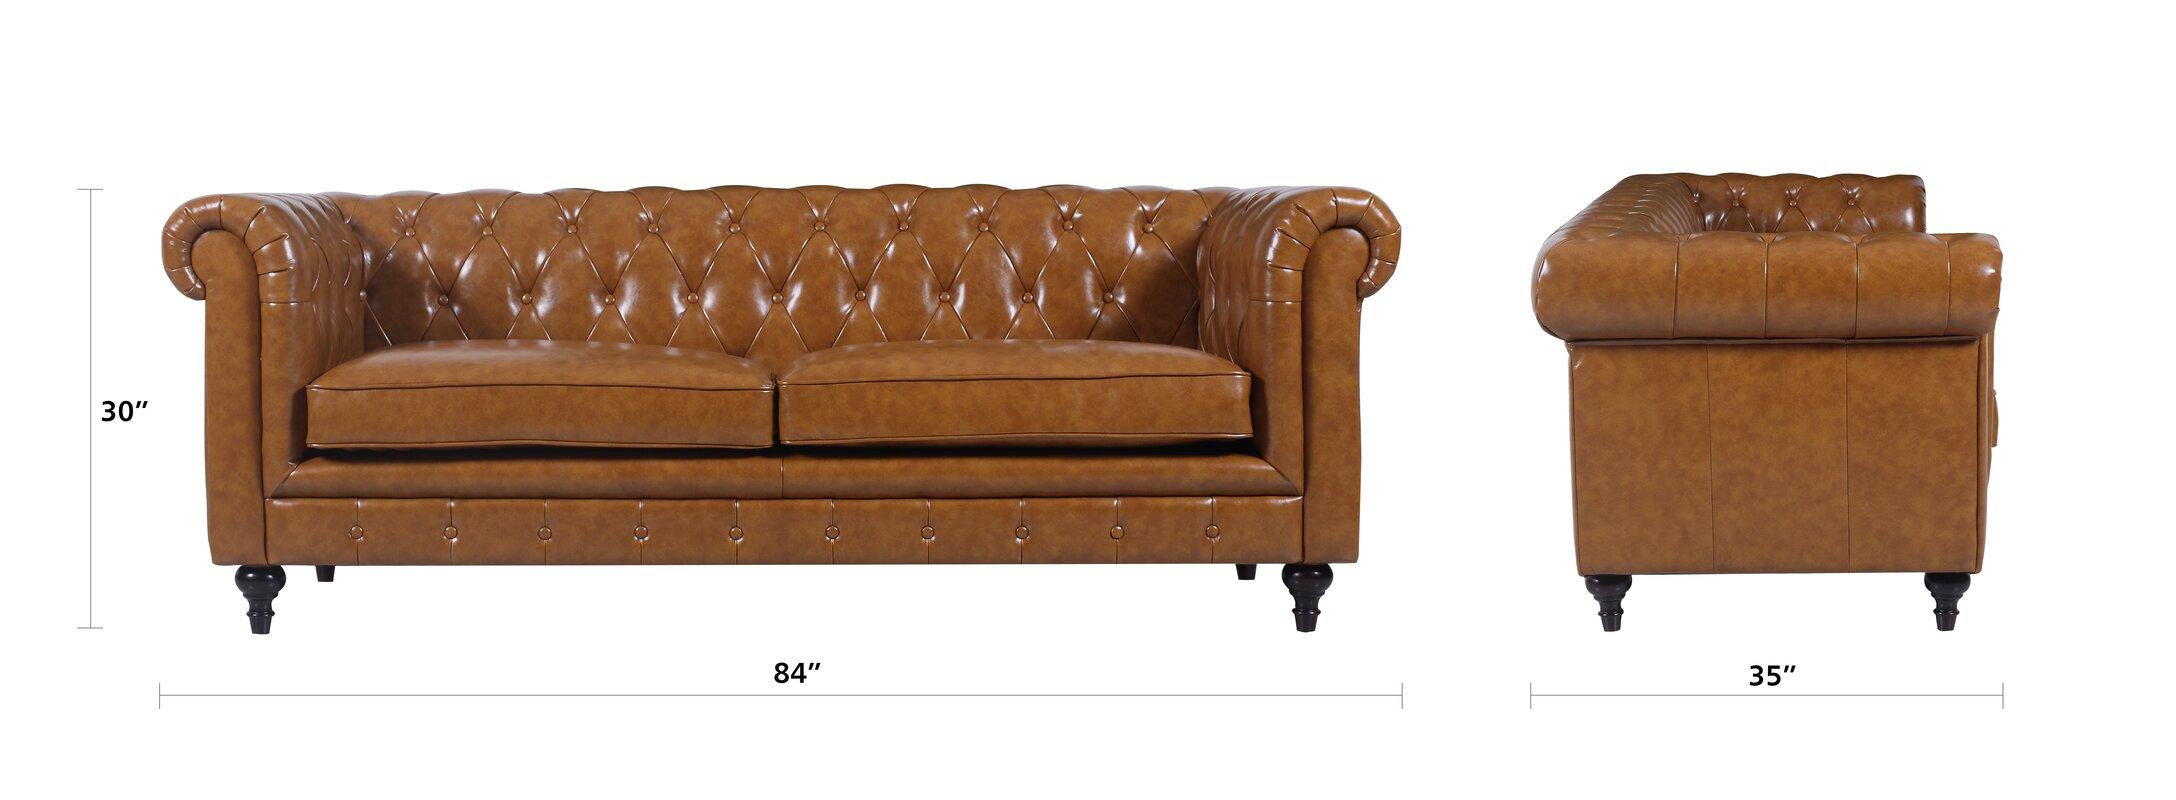 Chesterfield Sofa Brown LeatherOldschool Chesterfield Sofa Bed Vintage  Brown Leather Textile By